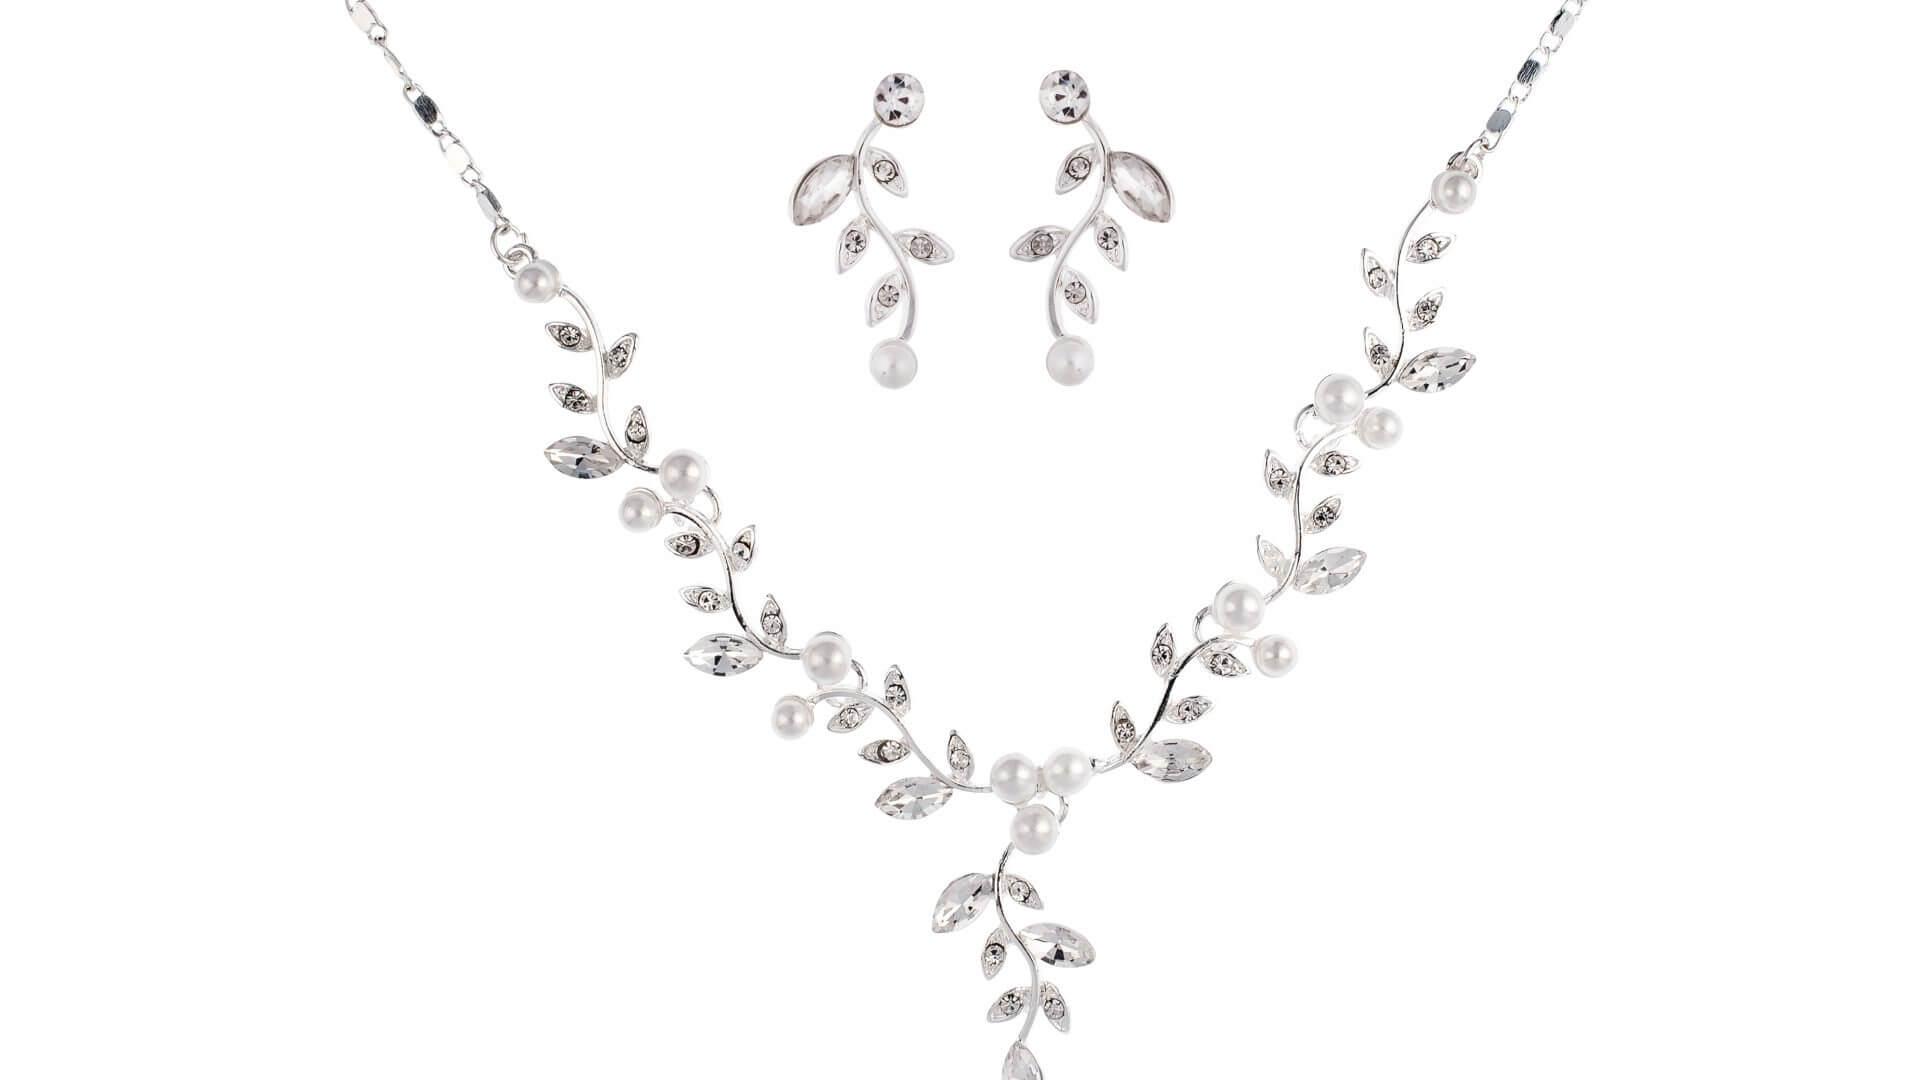 Brautschmuckset mit Halskette und Ohrringe NS1-6005